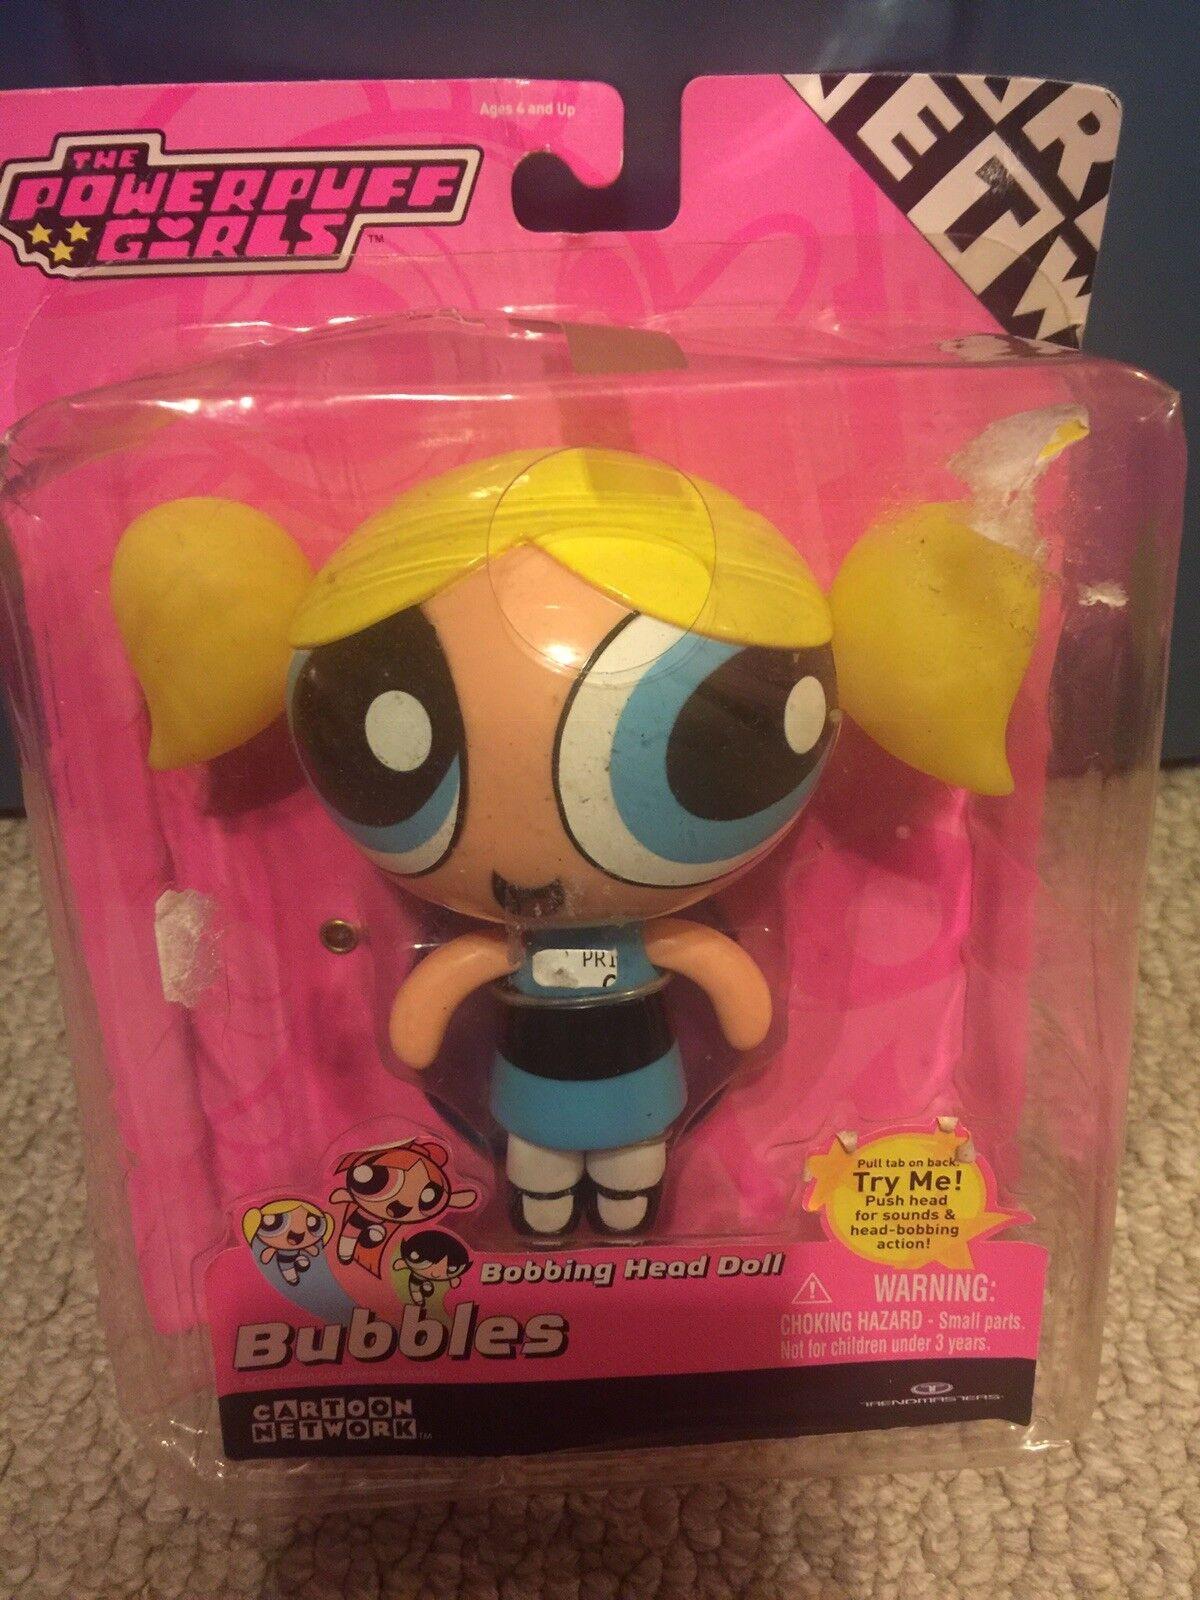 NEW 2001 Talking Bubbles Bobbing Head Doll 5